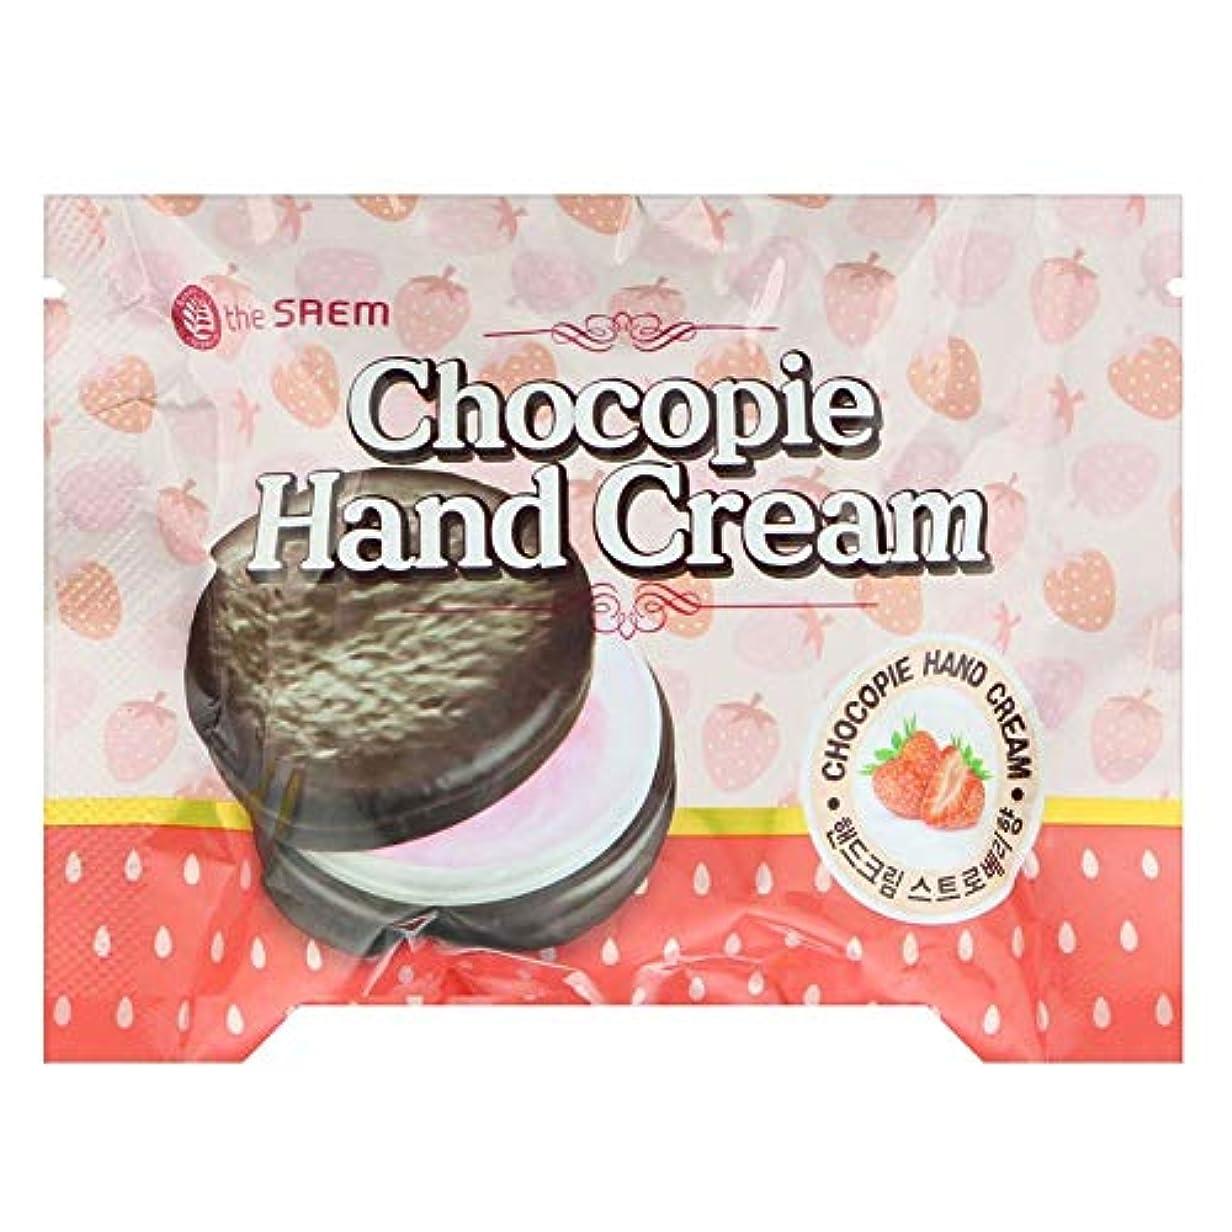 タクシー樹木気づかない【the SAEM】ザセム チョコパイ ハンドクリーム[ストロベリー] CHOCOPIE HAND CREAM 35ml 韓国コスメ ザセム ハンドクリーム